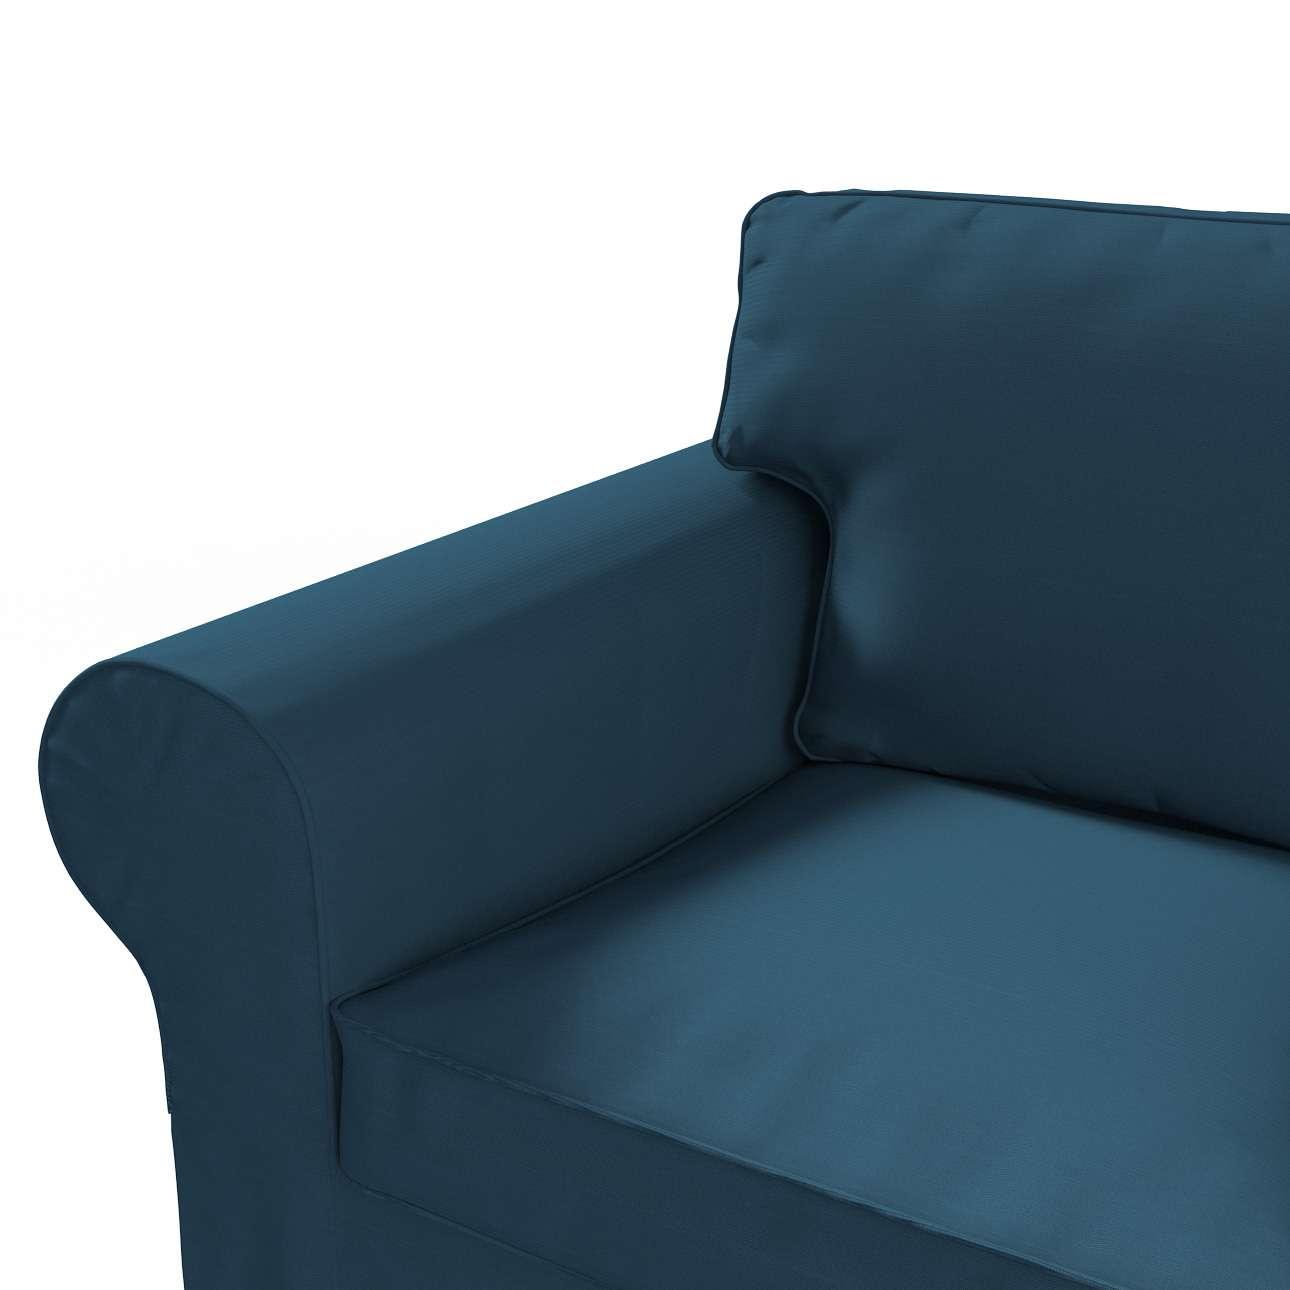 Poťah na sedačku Ektorp (nerozkladá sa, pre 2 osoby) V kolekcii Cotton Panama, tkanina: 702-30